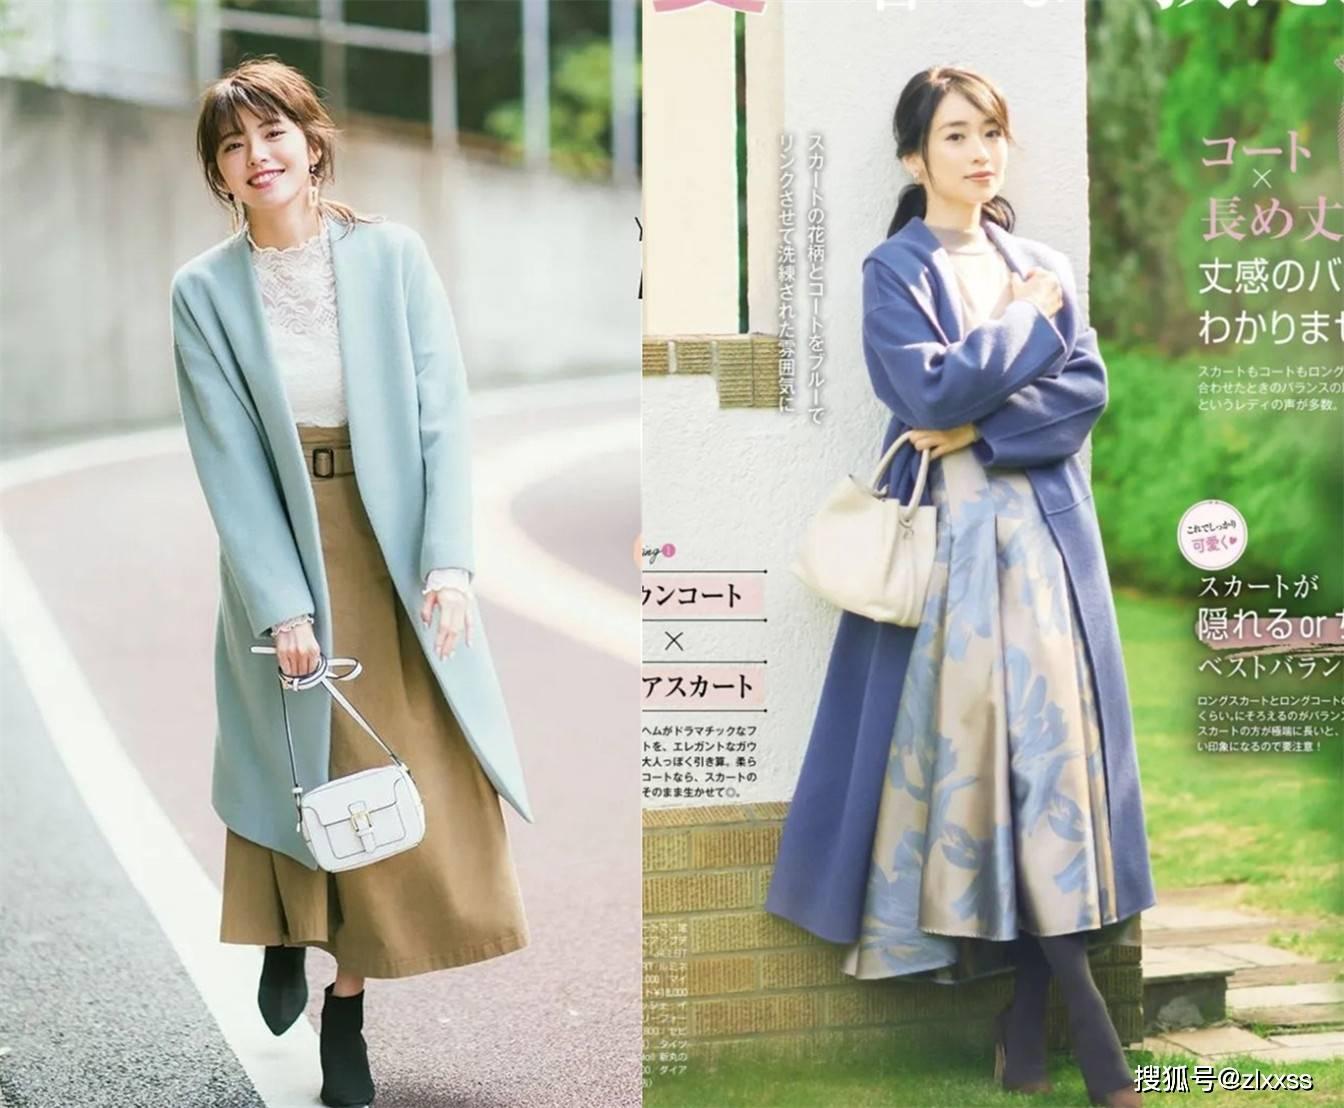 原创2021年早春火了一种穿搭,叫大衣+裙子:也太好看了吧!